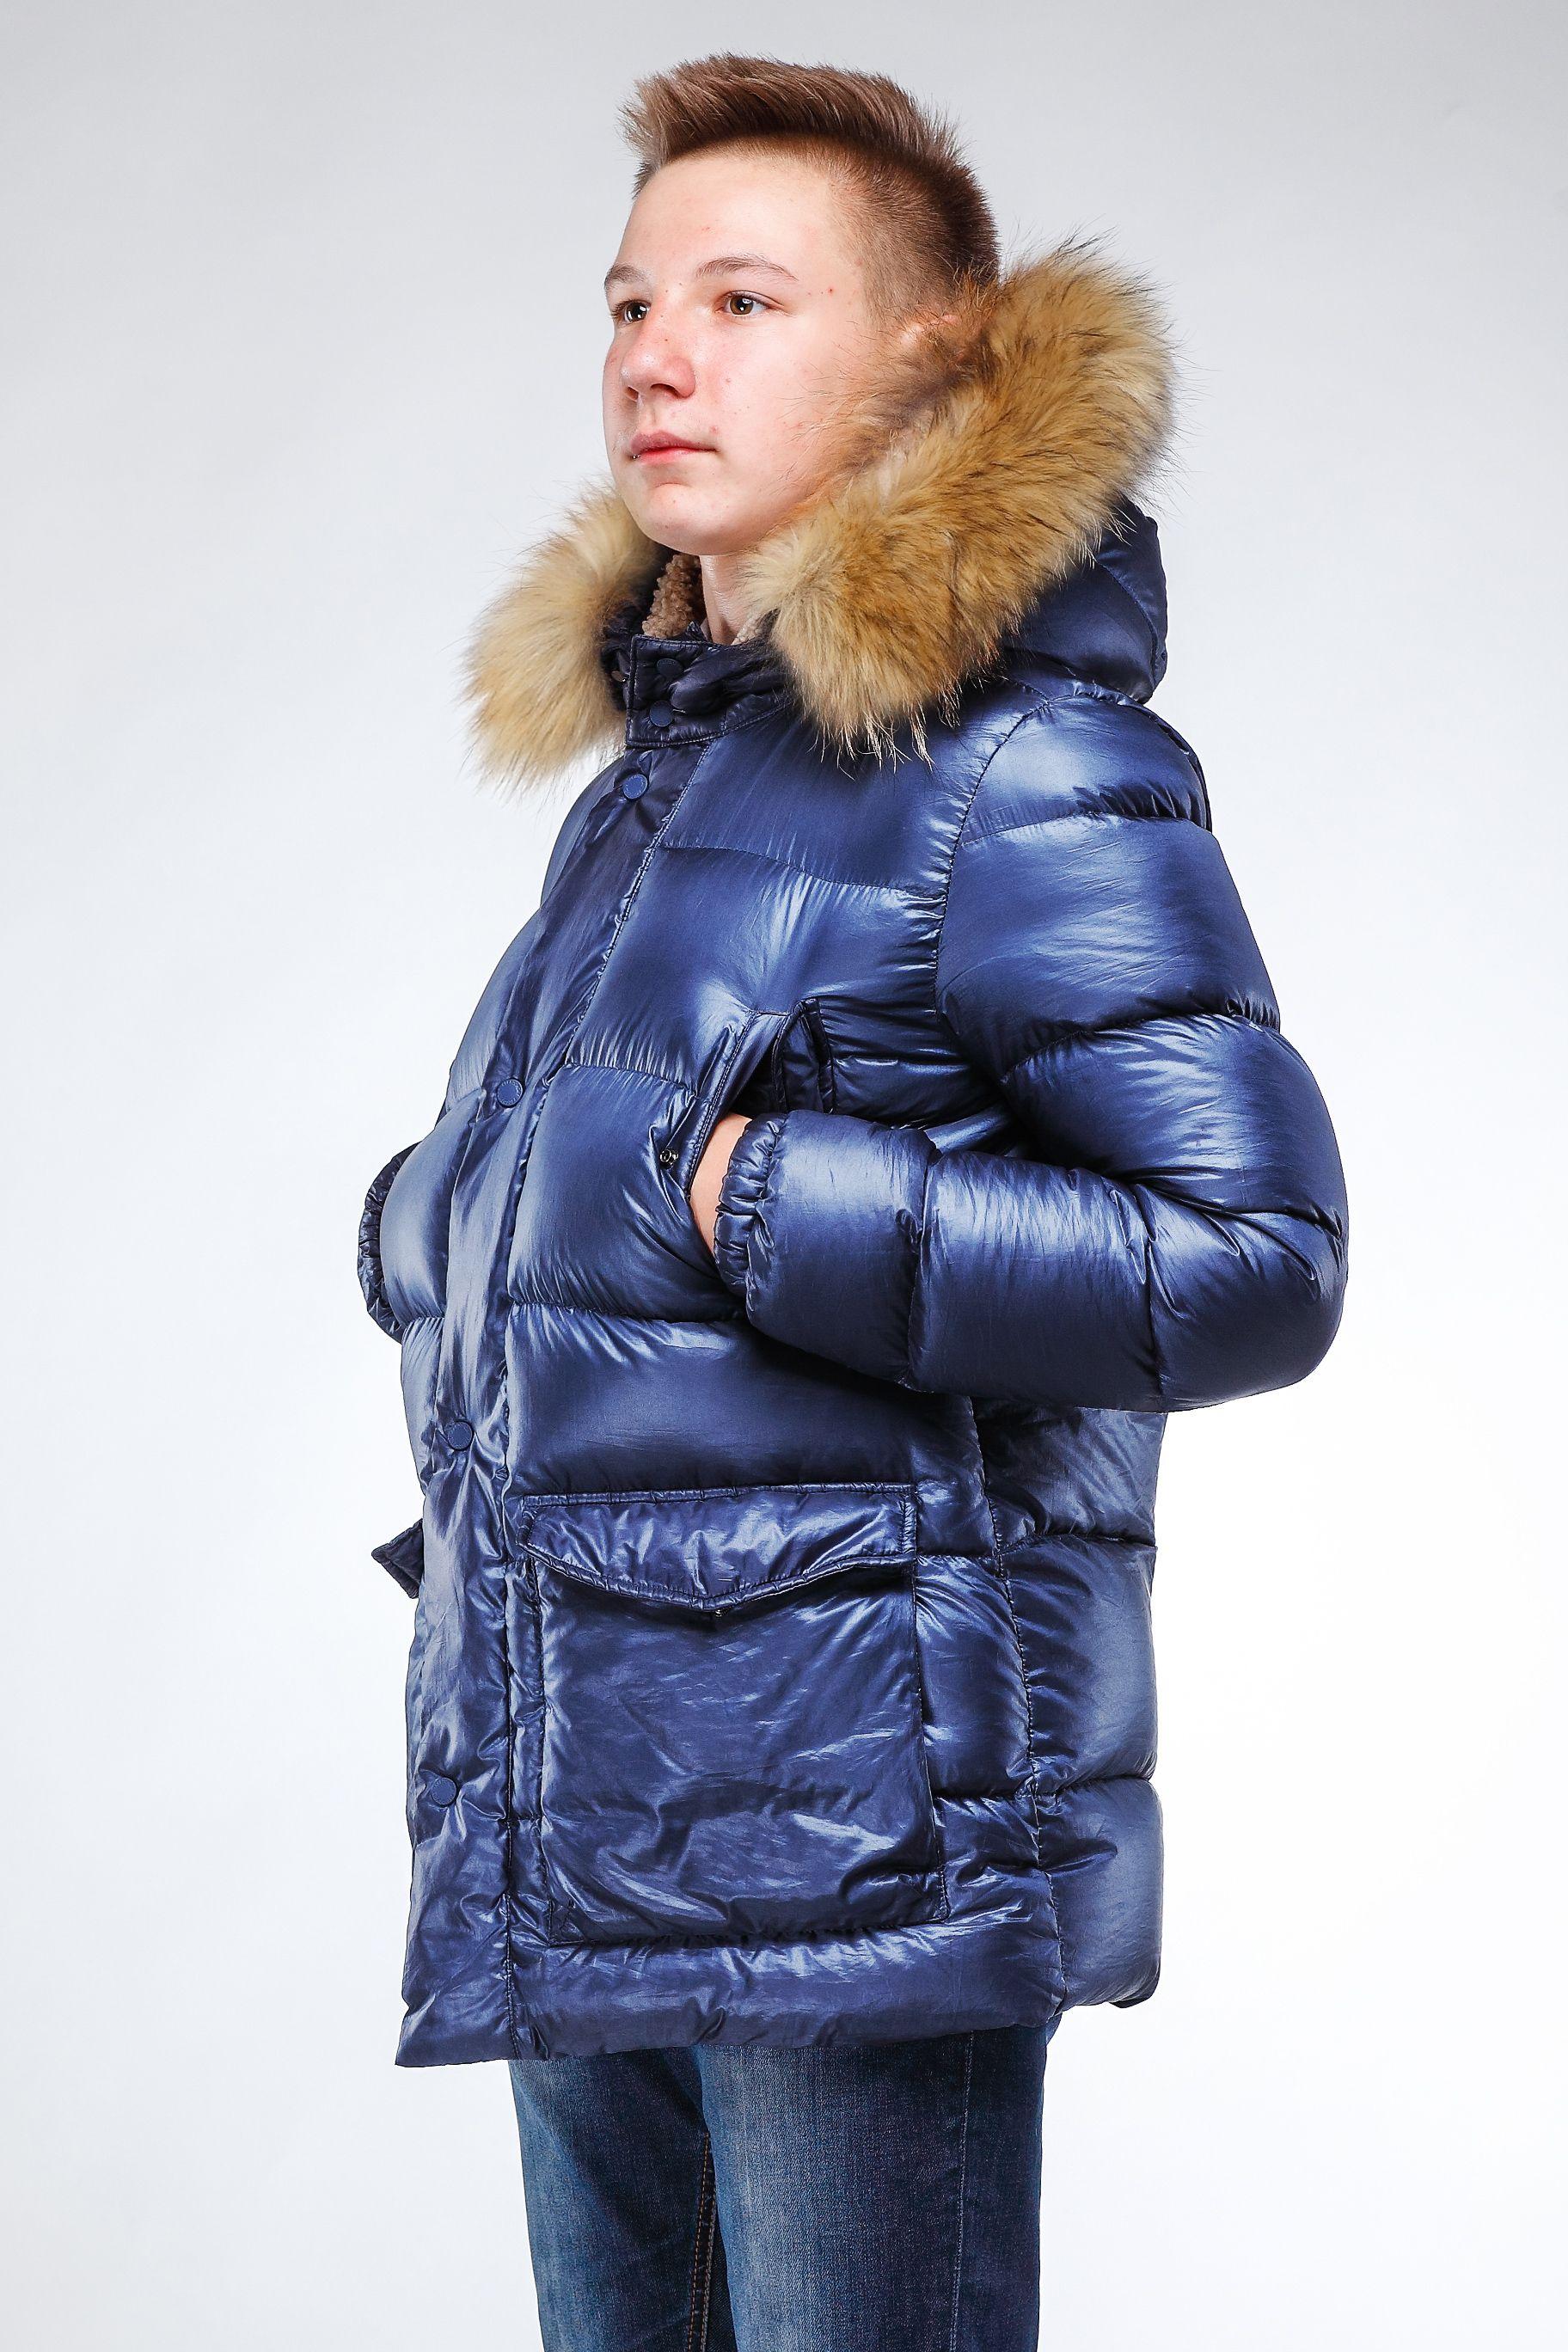 ea966101bf60 зимняя куртка, зимний пуховик, пуховик для мальчиков, детский пуховик на  биопухе, зимний